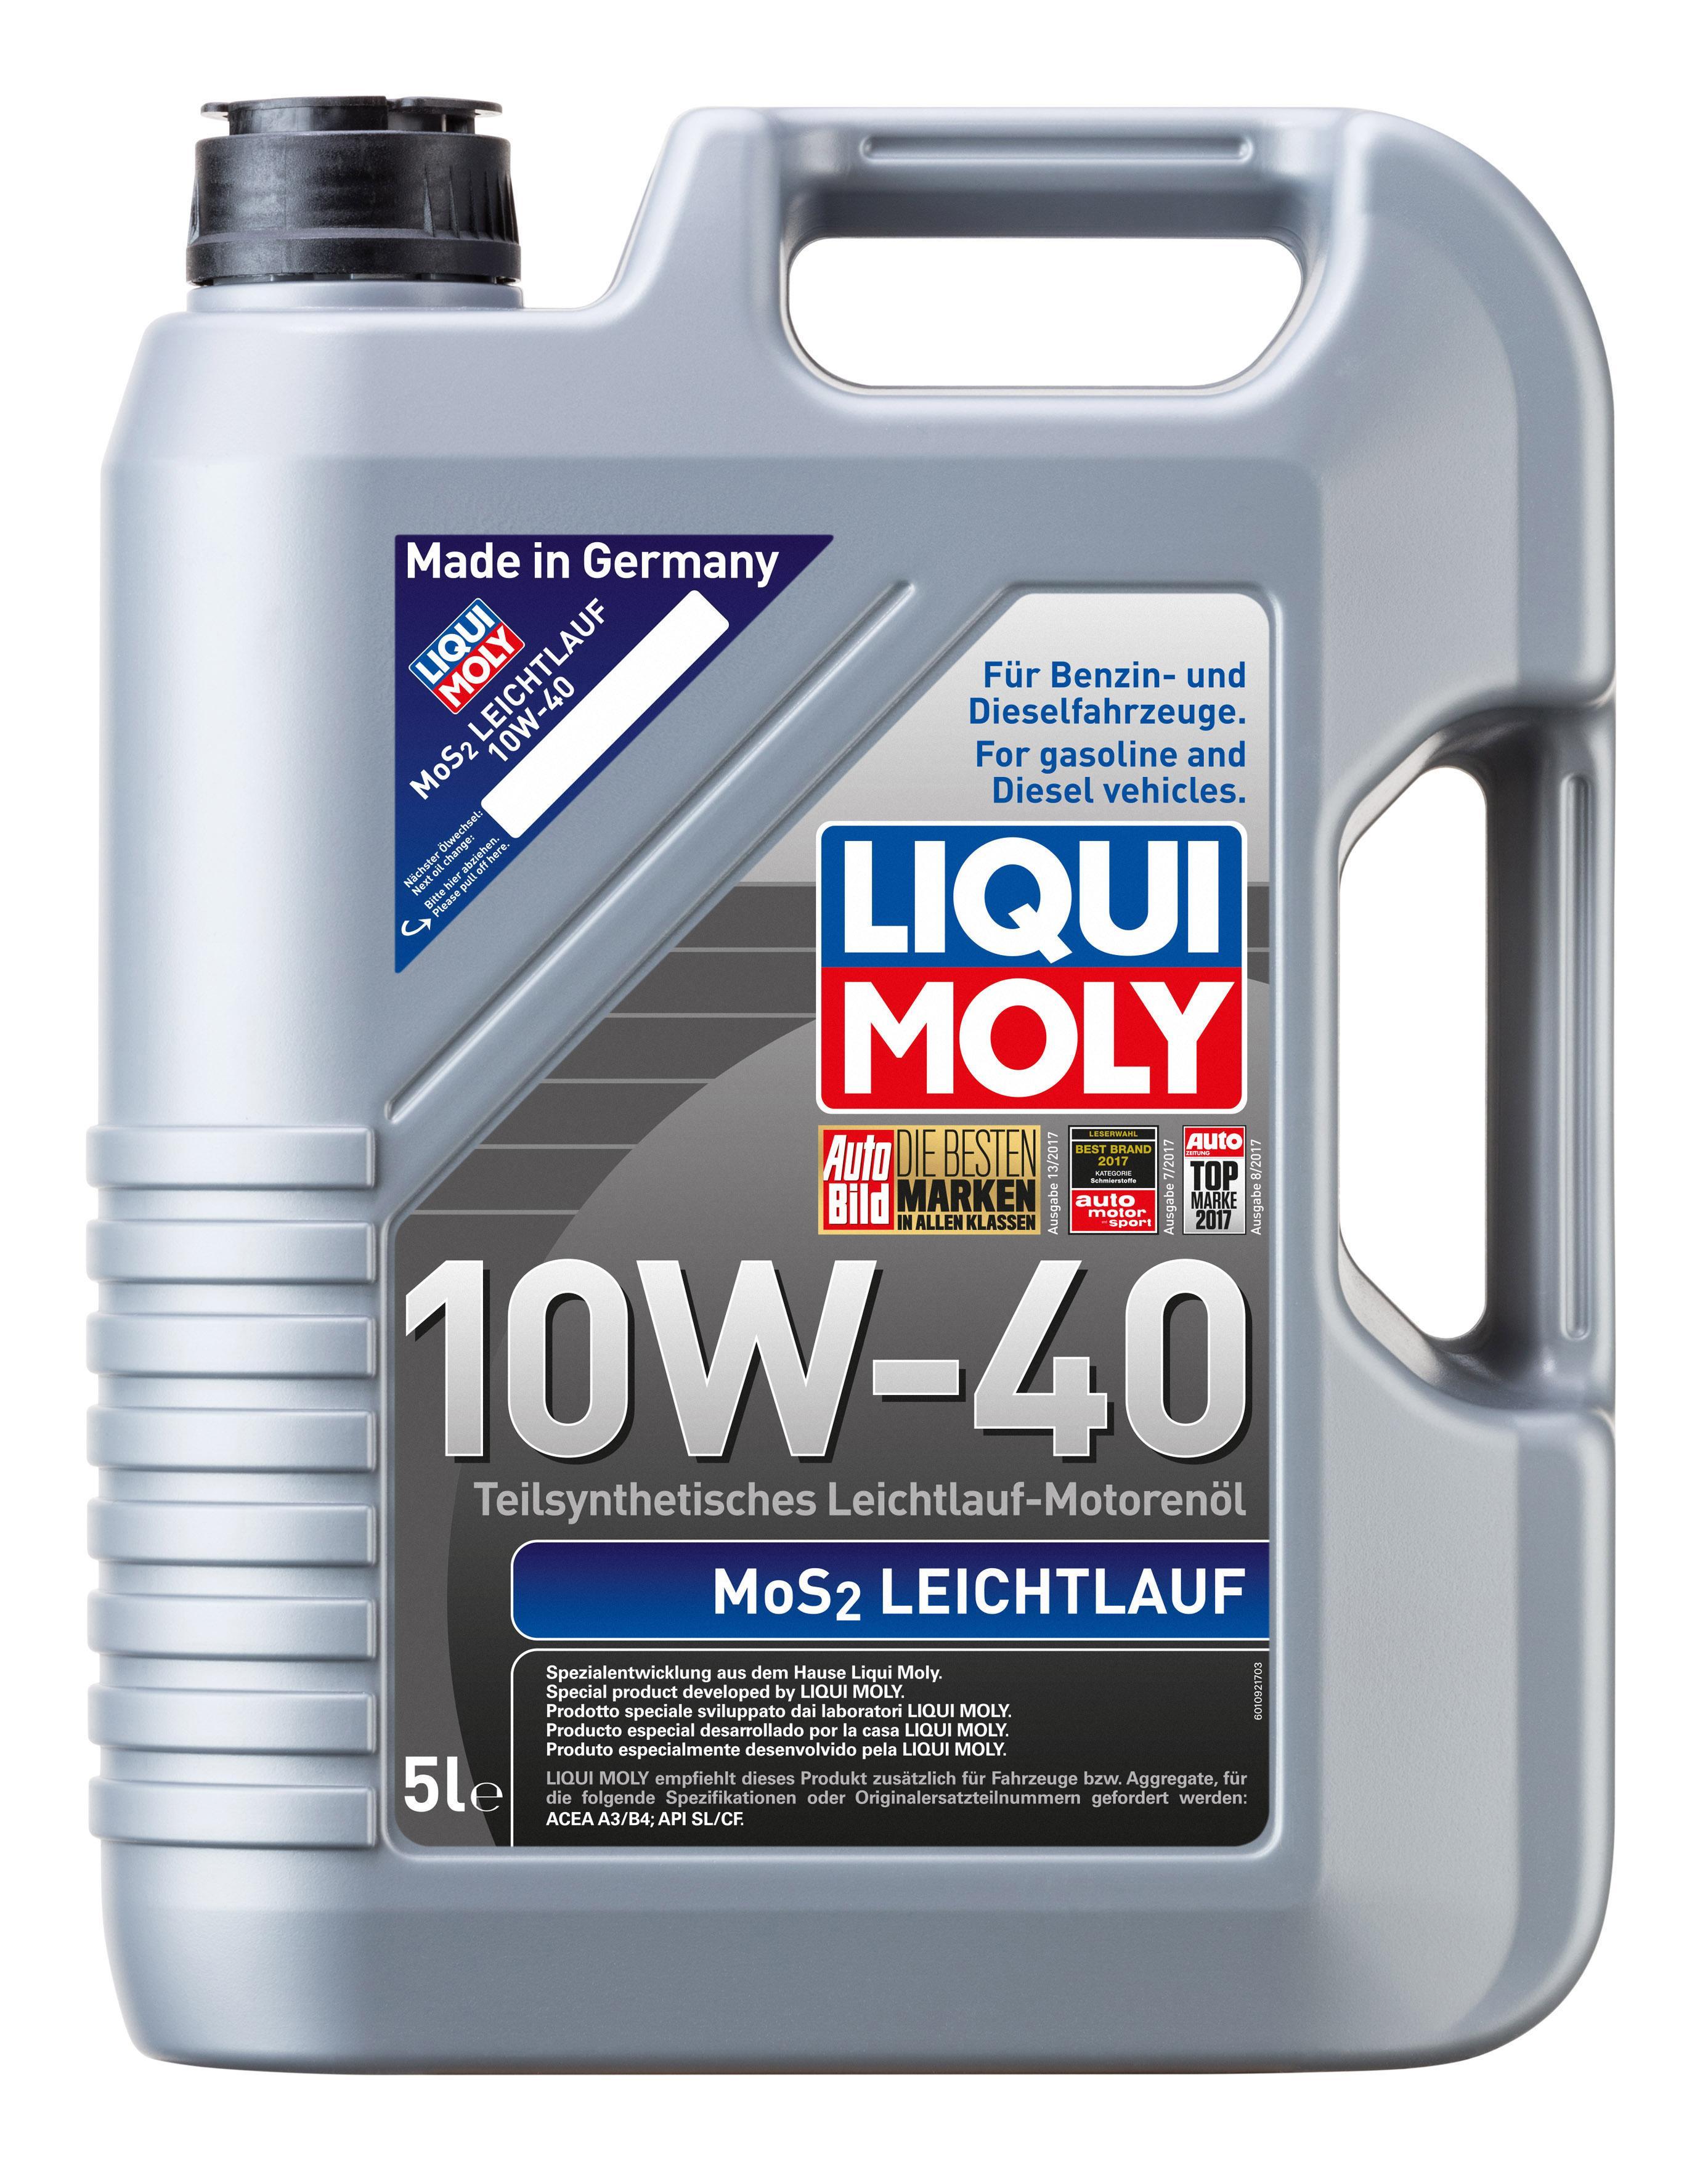 Motoröl 1092 günstige Preise - Jetzt kaufen!